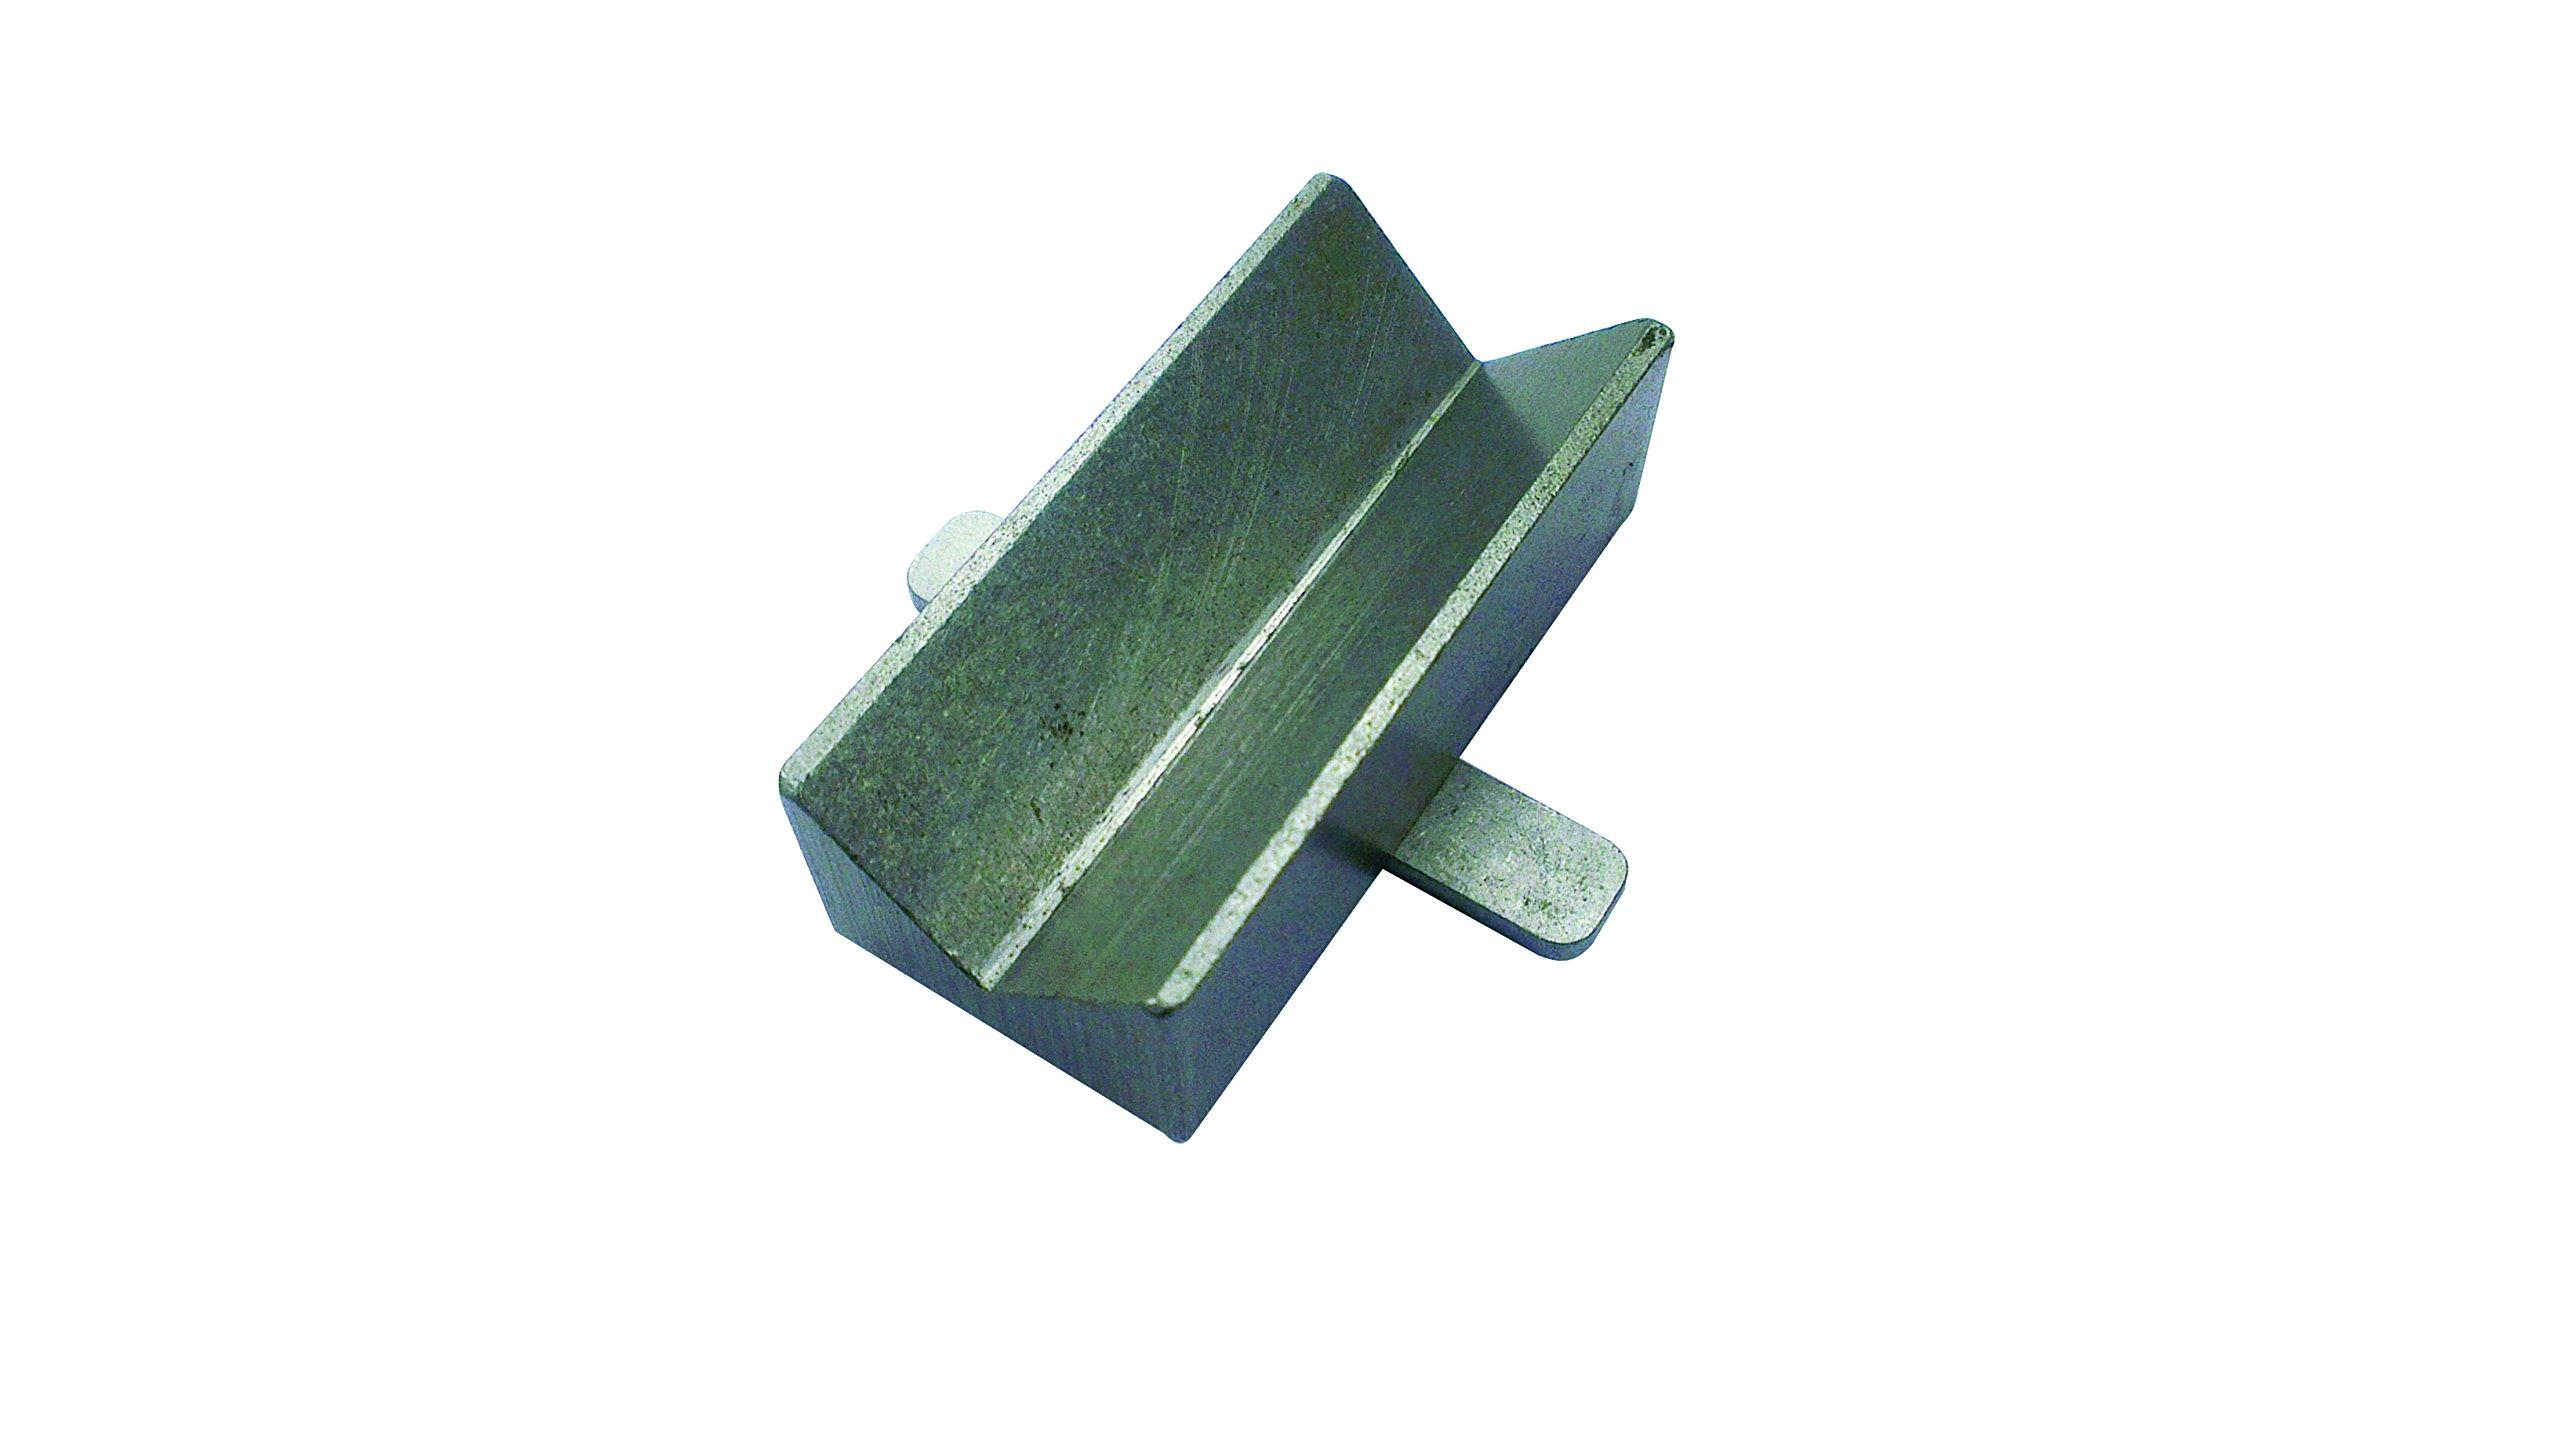 Robert Sorby # PEVB Proedge V Block Gouge Jig Fits Proedge Sharpening System for Sharpening Lathe Gouges and Carving Chisels